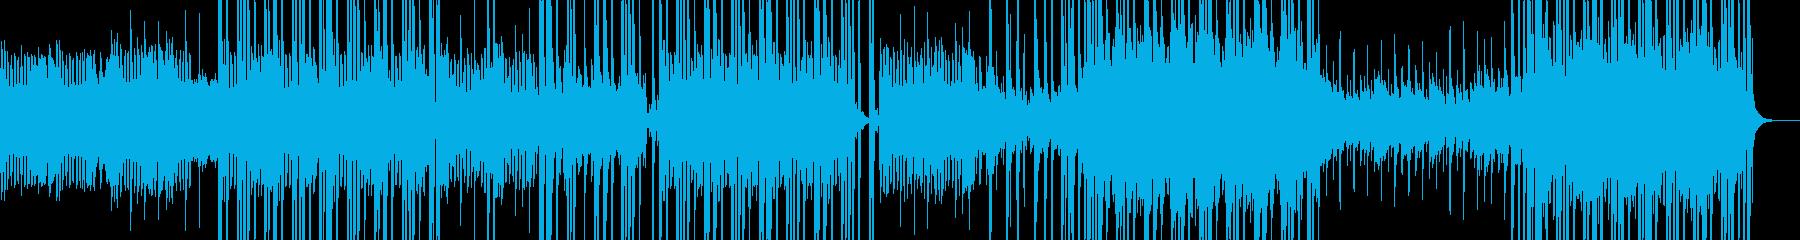 高音でドラムキックのシンセサイザーの曲の再生済みの波形